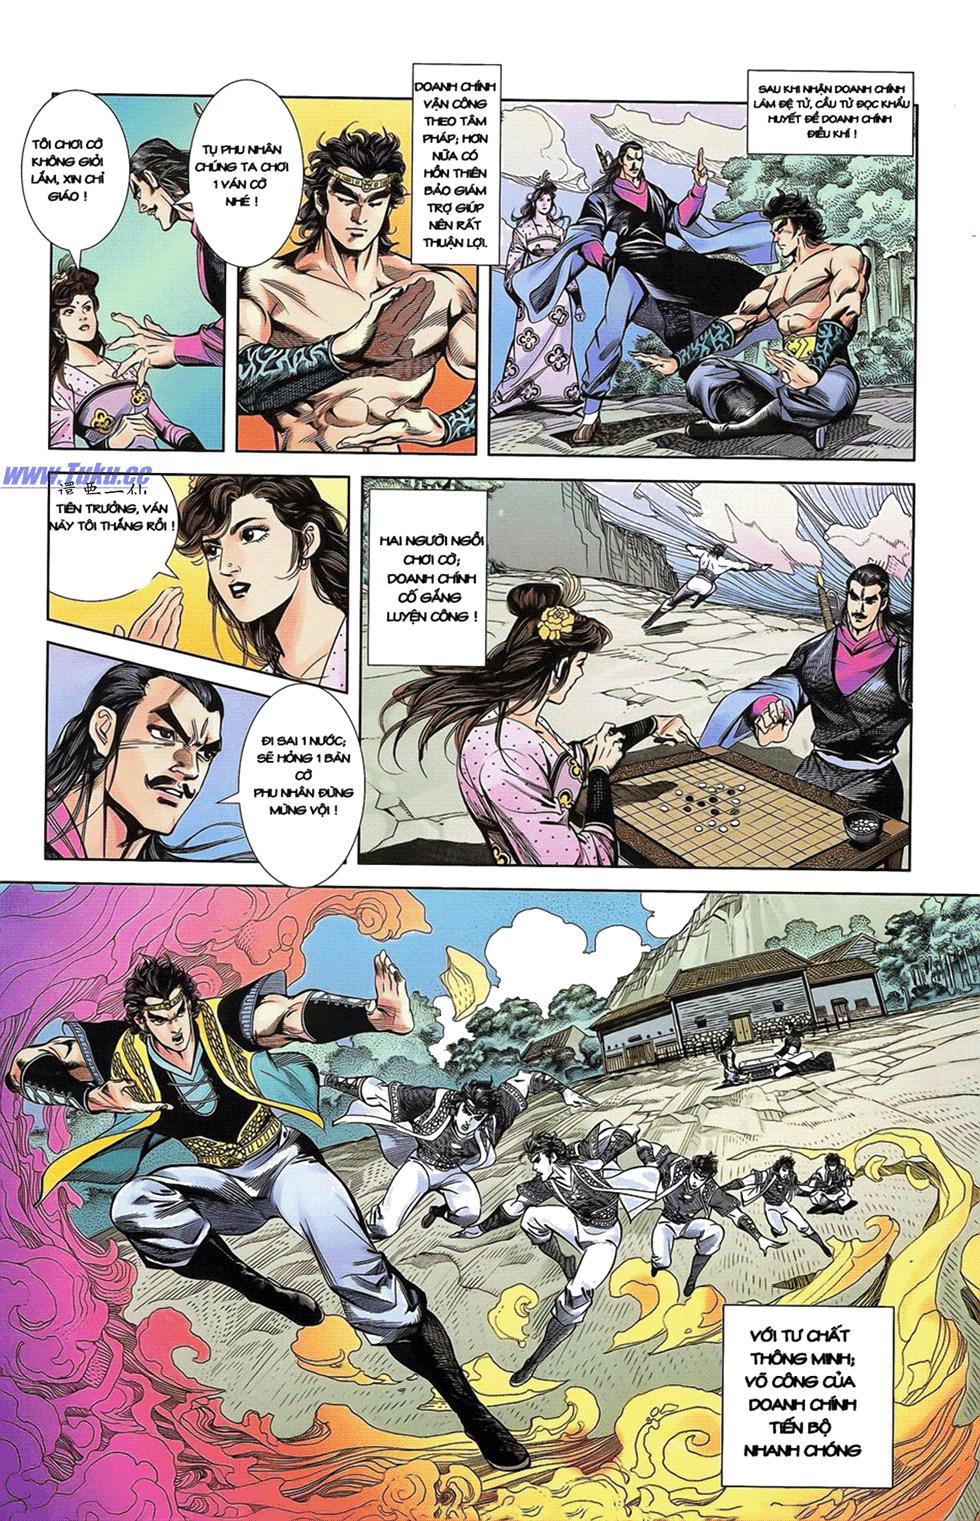 Tần Vương Doanh Chính chapter 14 trang 26